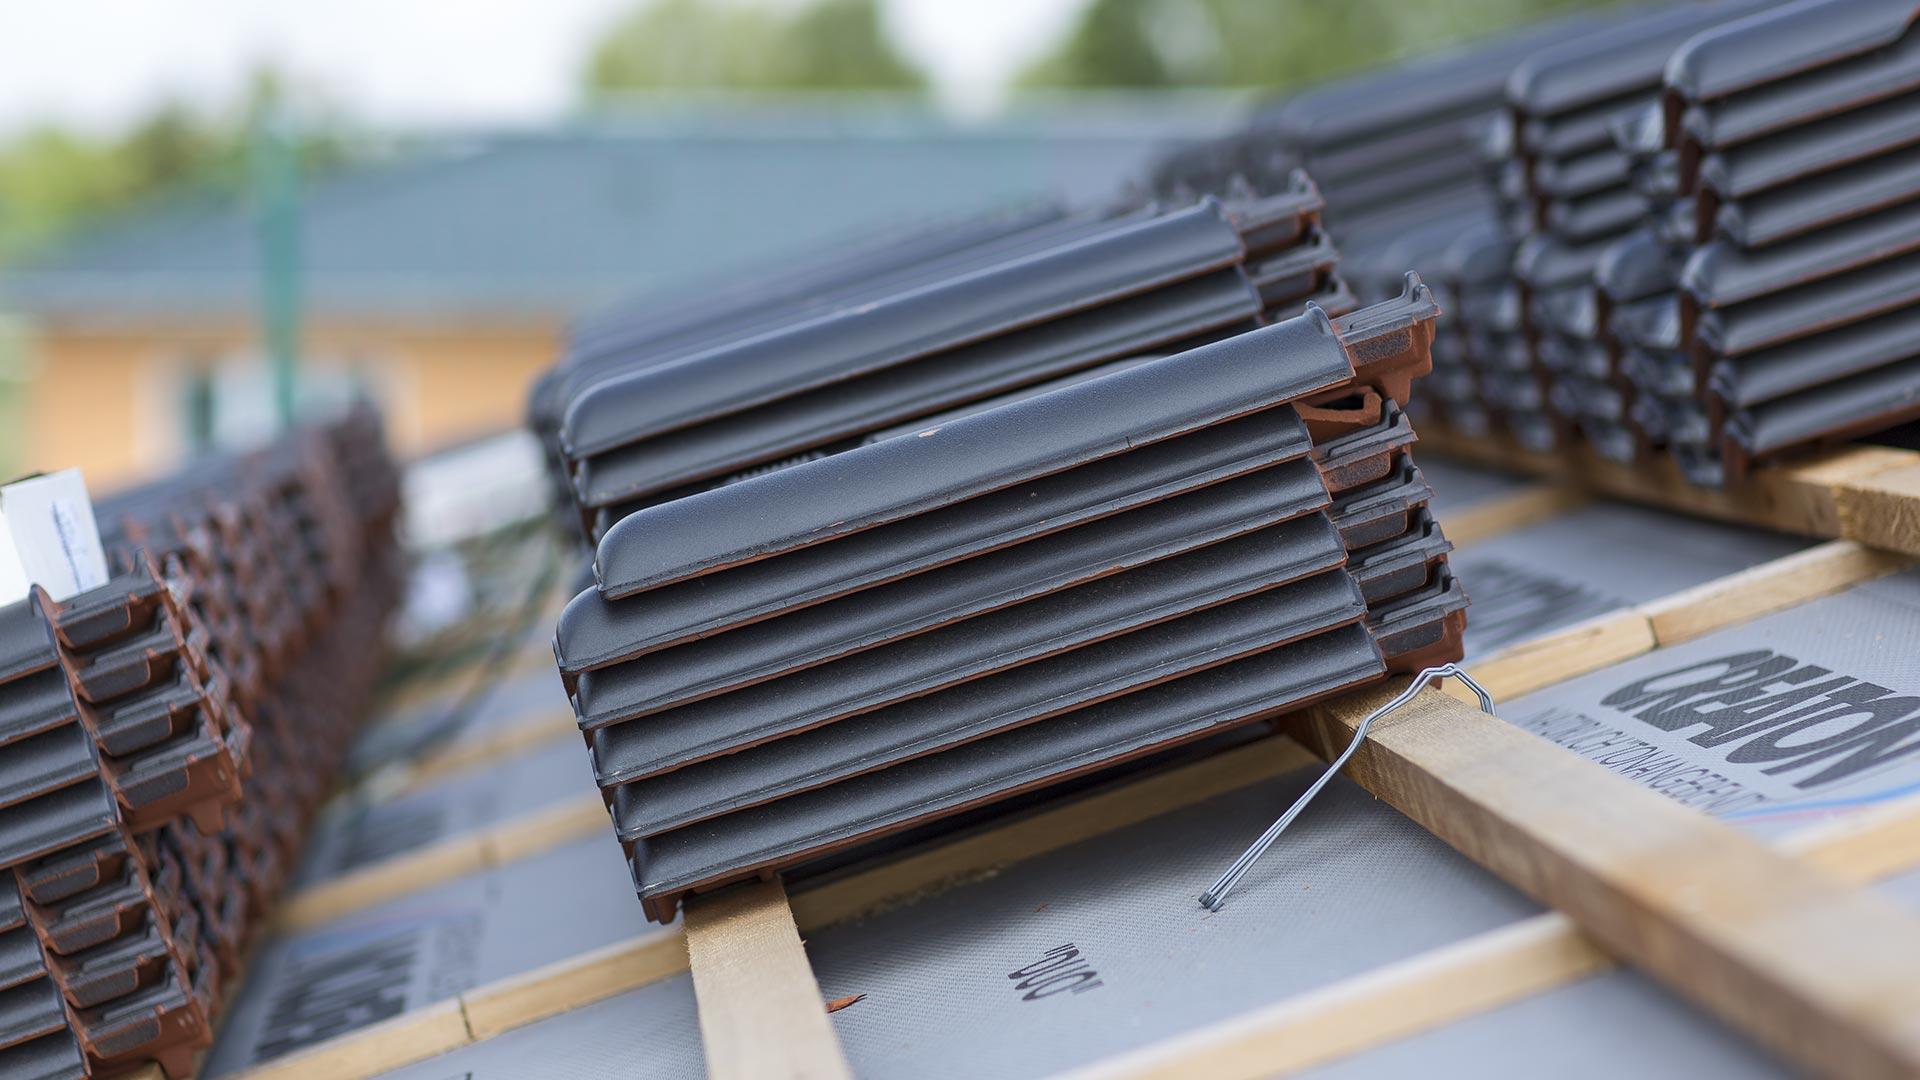 Architekturfotografie: Dachziegeln – Stapel | Foto: Dieter Eikenberg, imprints